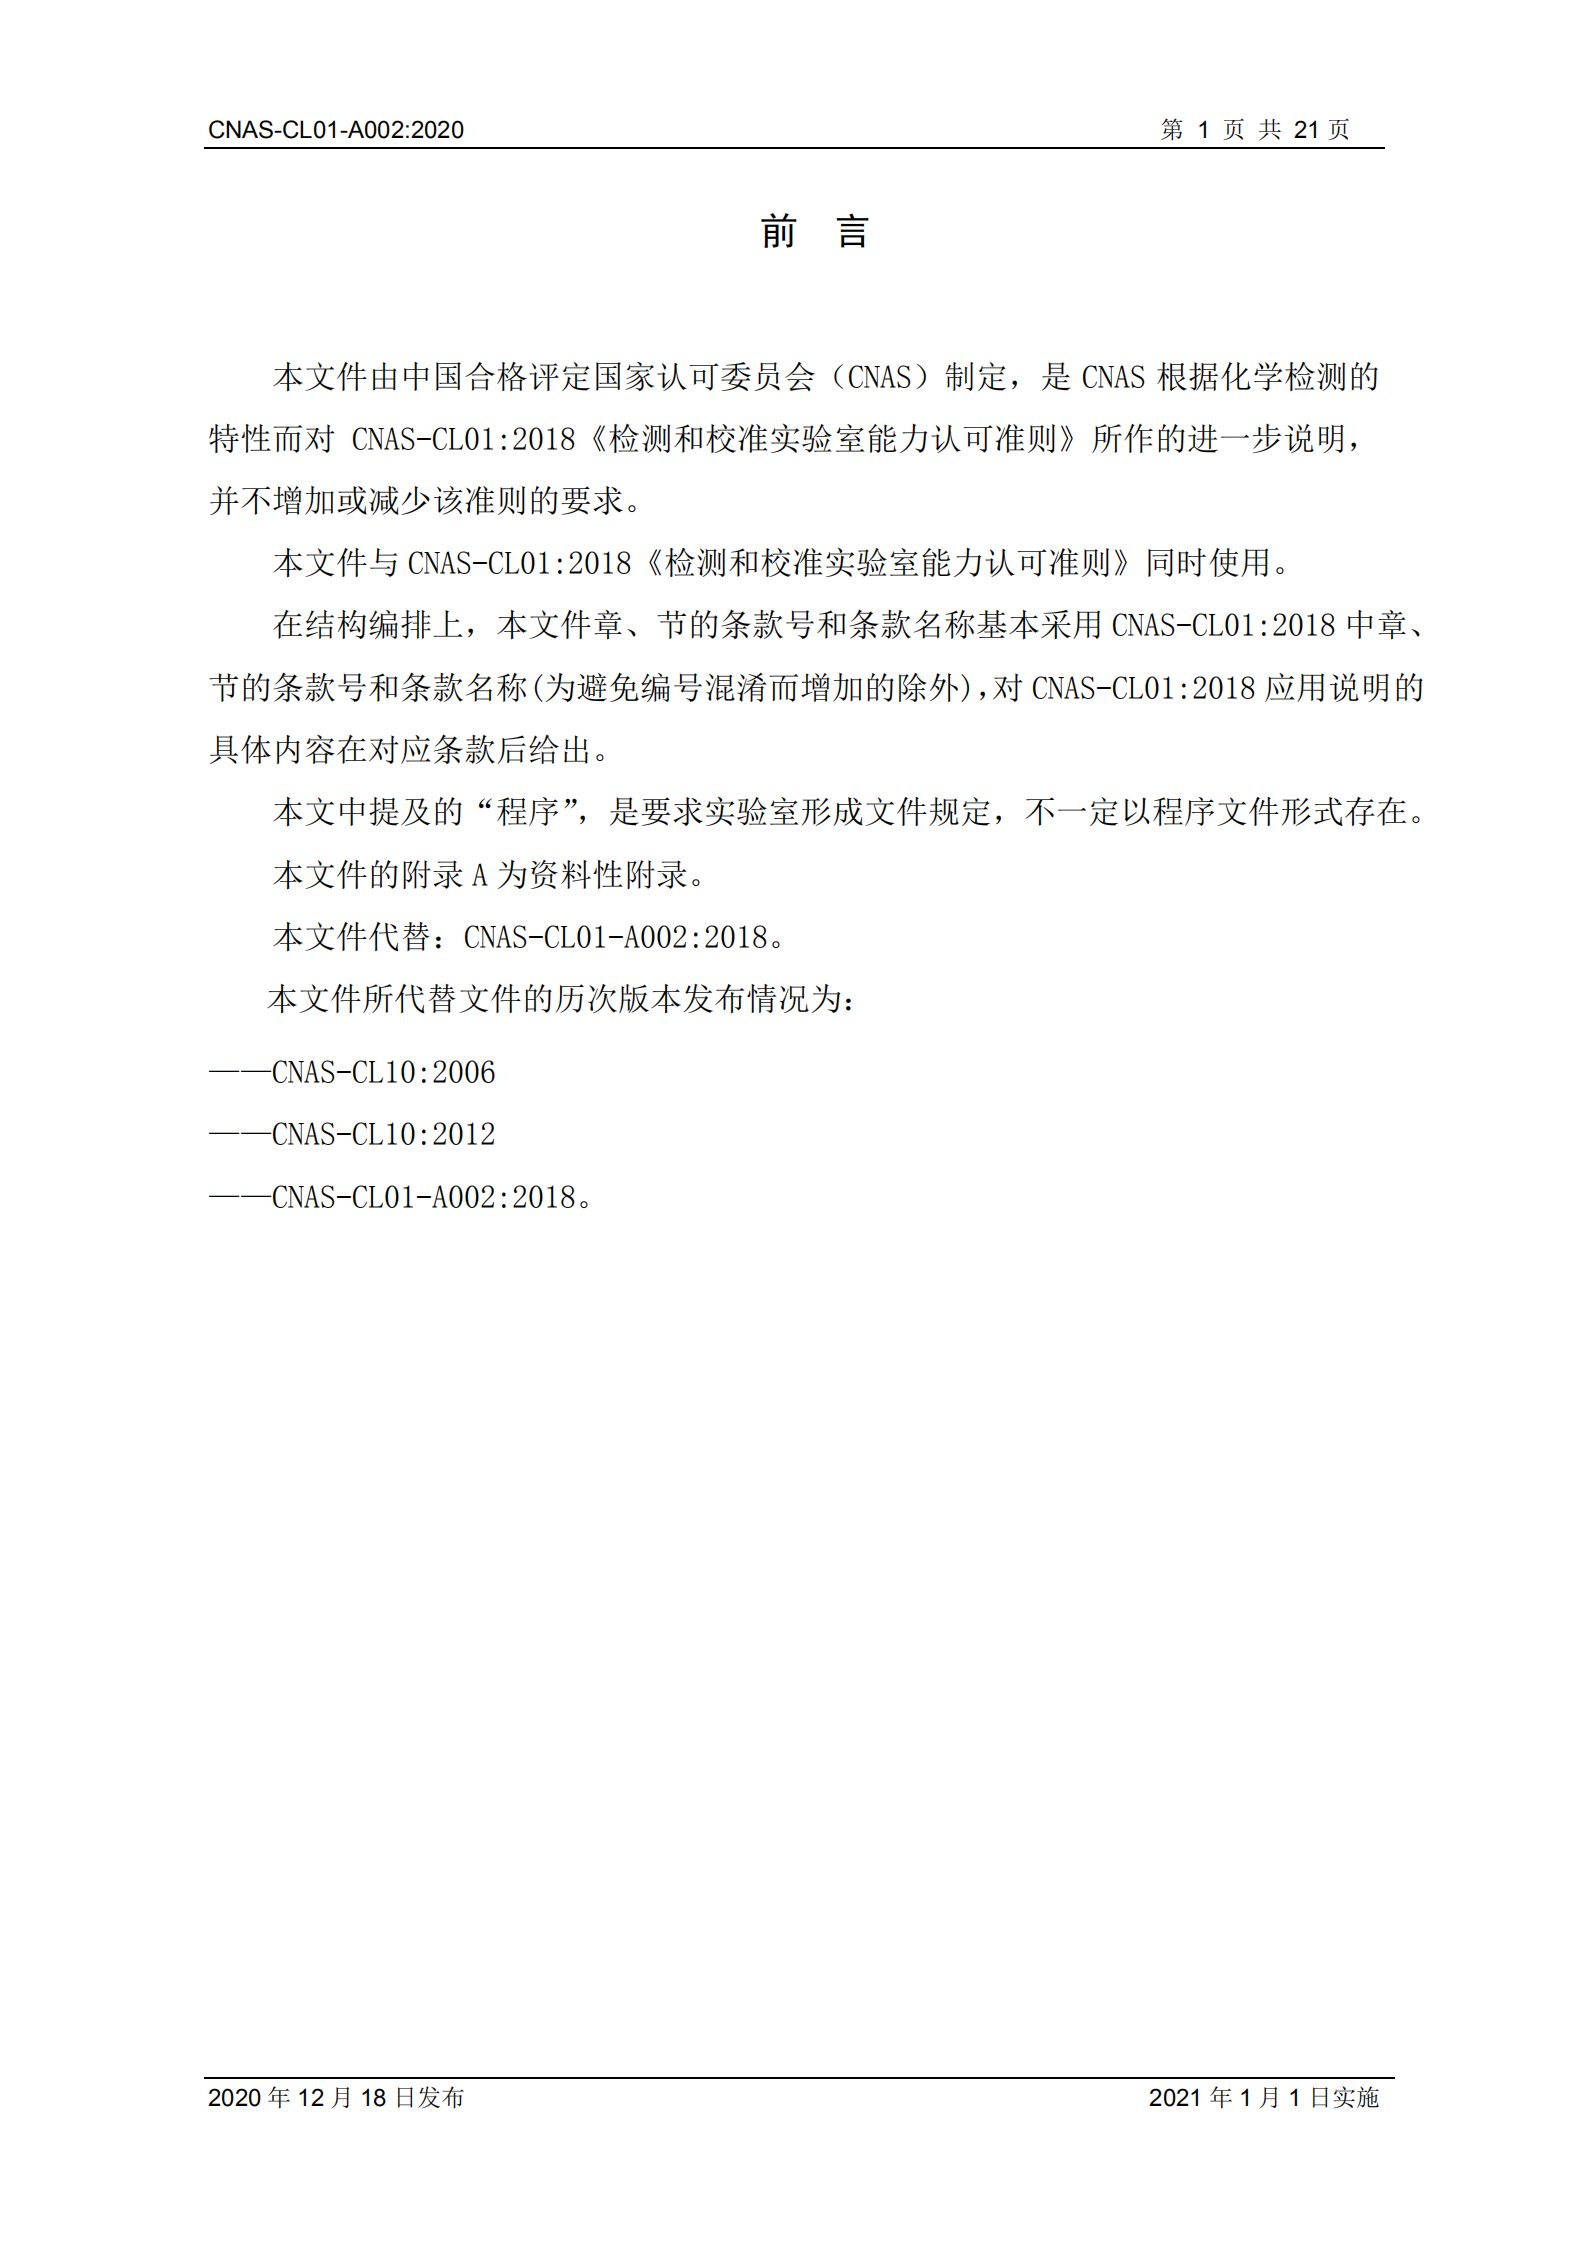 CNAS-CL01-A002_2020_01.png